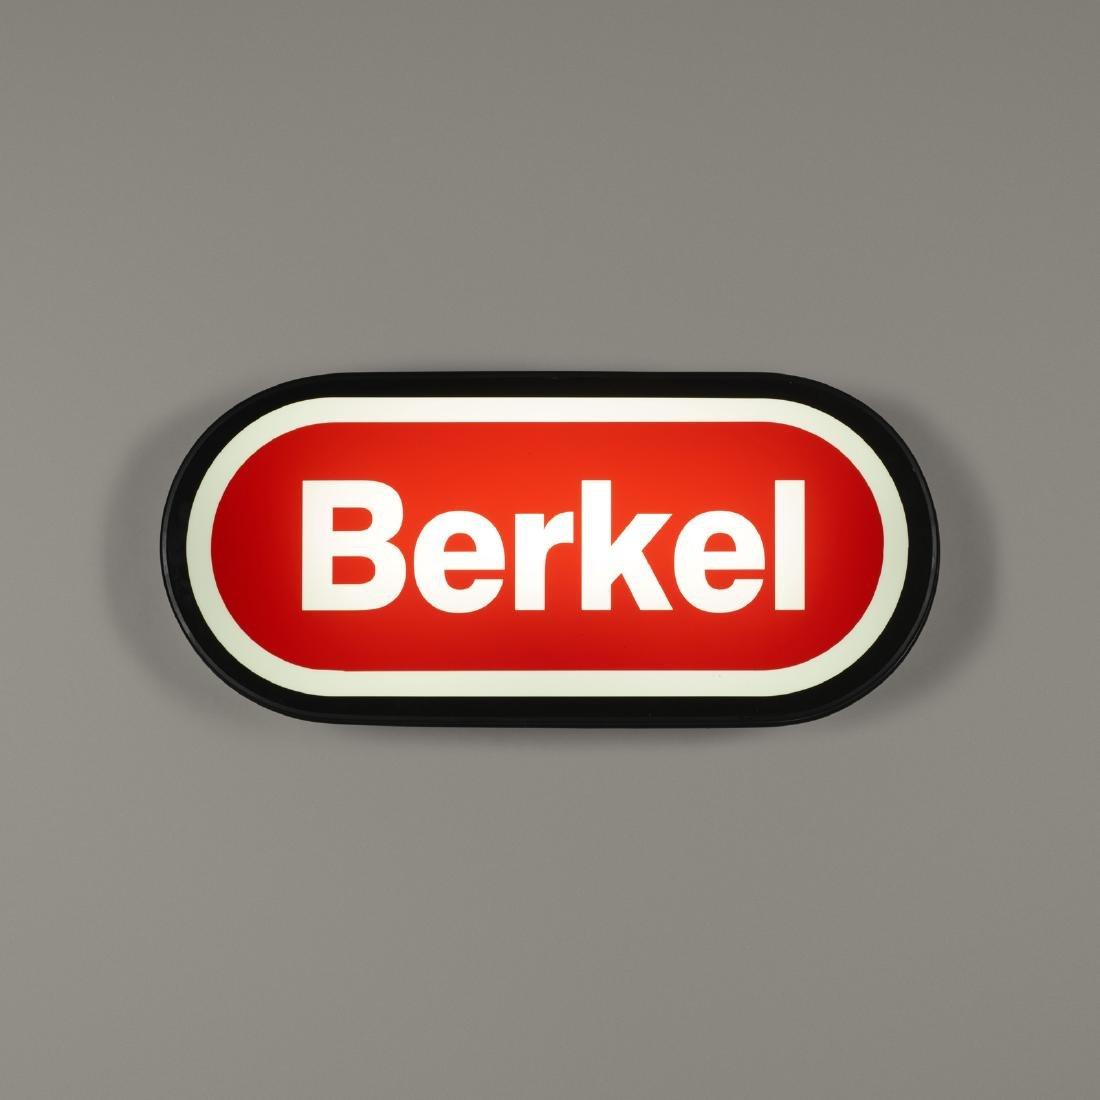 Berkel, illumated sign